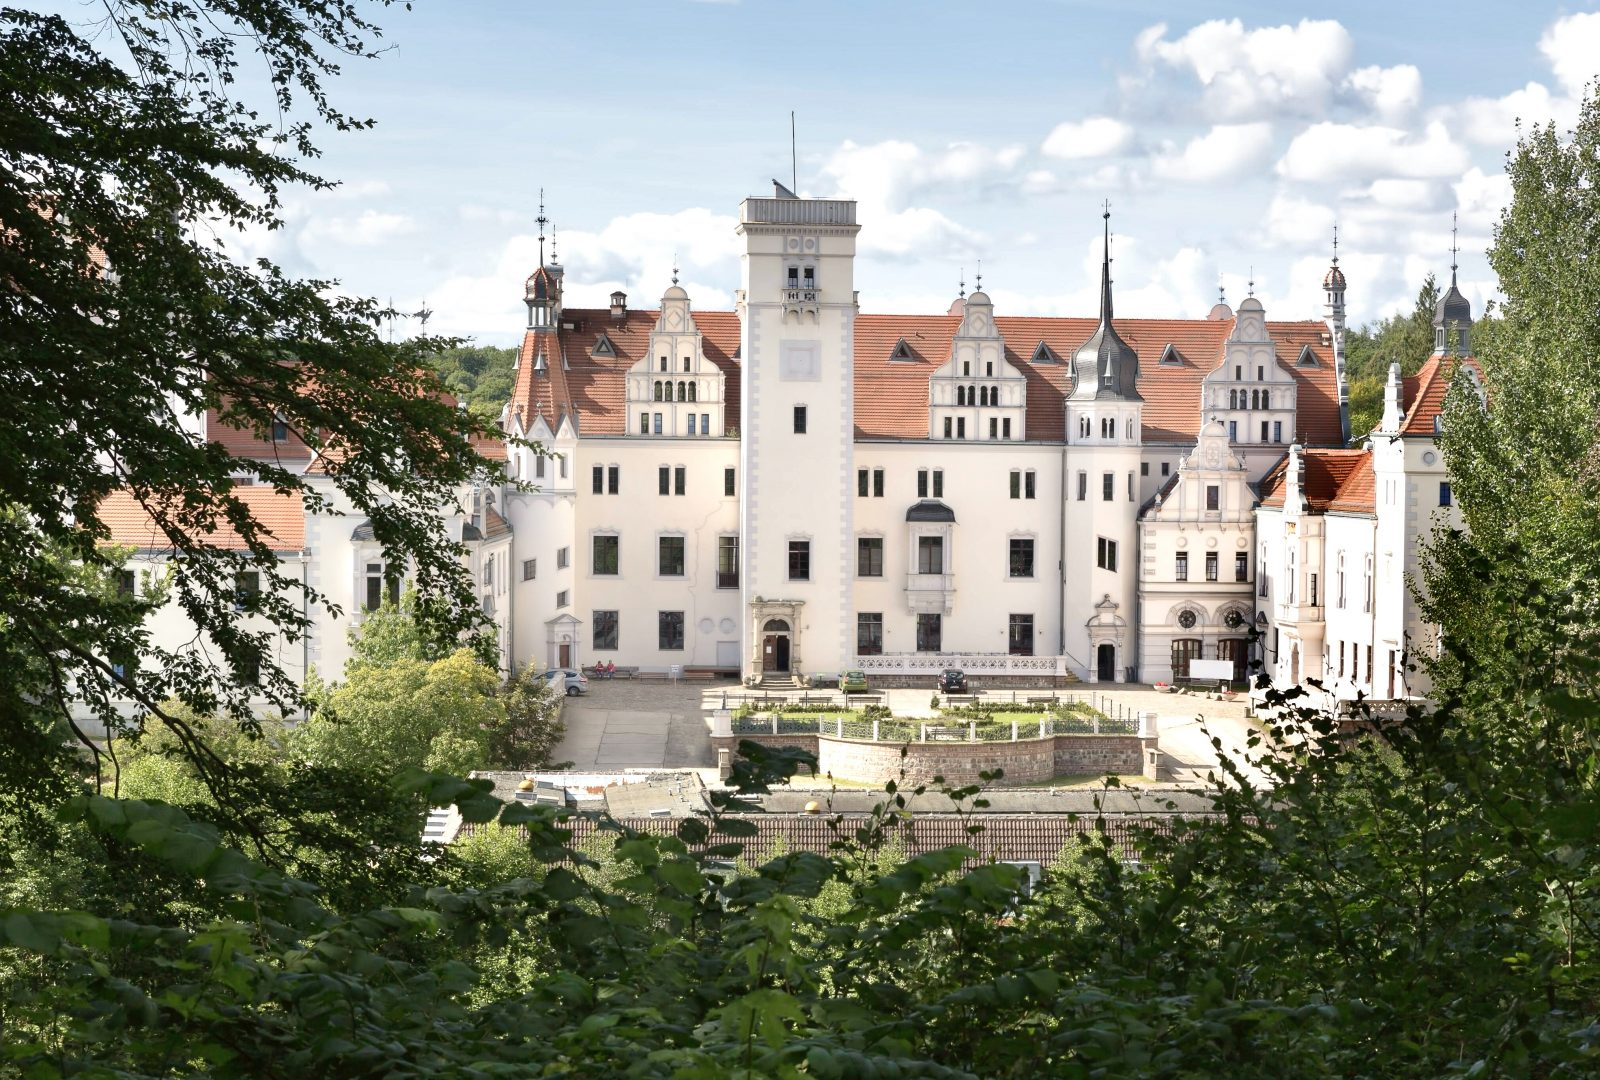 Hier lässt es sich aushalten: Das Schloss Boitzenburg ist zweifellos eine der schönsten Unterkünfte für einen Kurzurlaub oder ein verlängertes Wochenende in der Uckermark. Foto: Imago/Shotshop